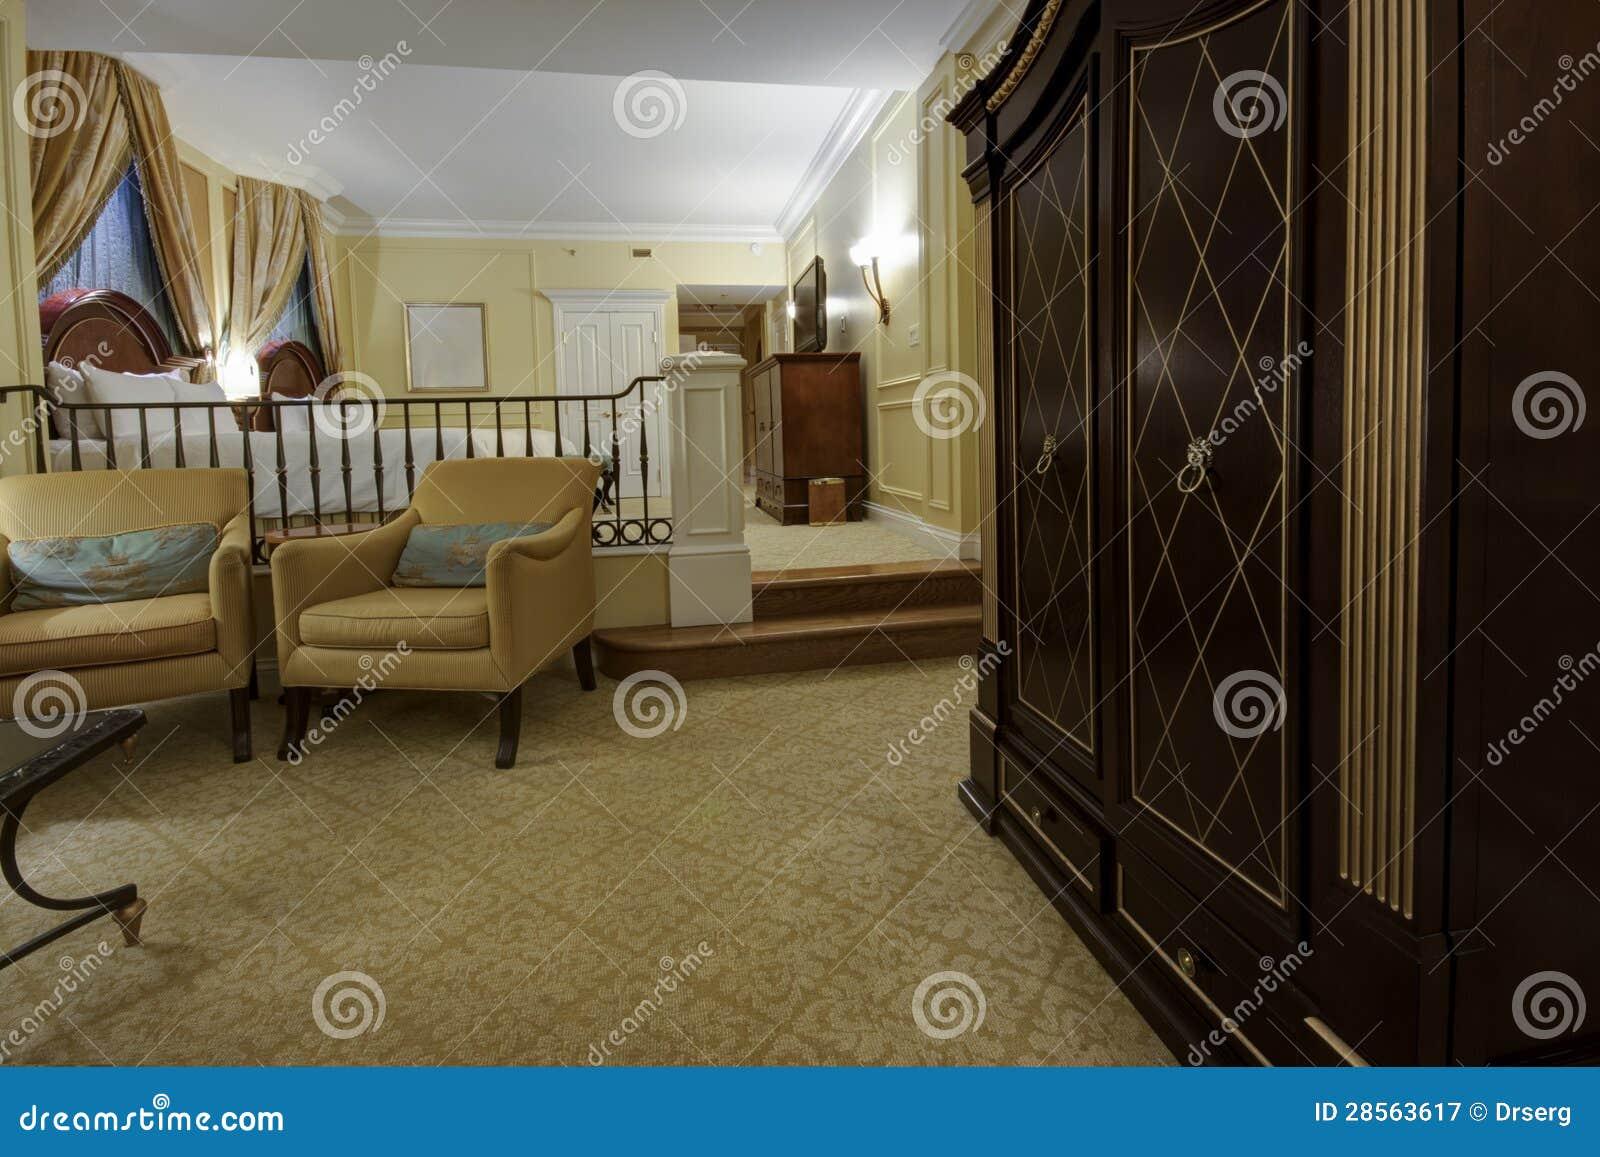 Klassischer Zwei Ebenenraum Mit Lehnsesseln Fernseher Und Bett